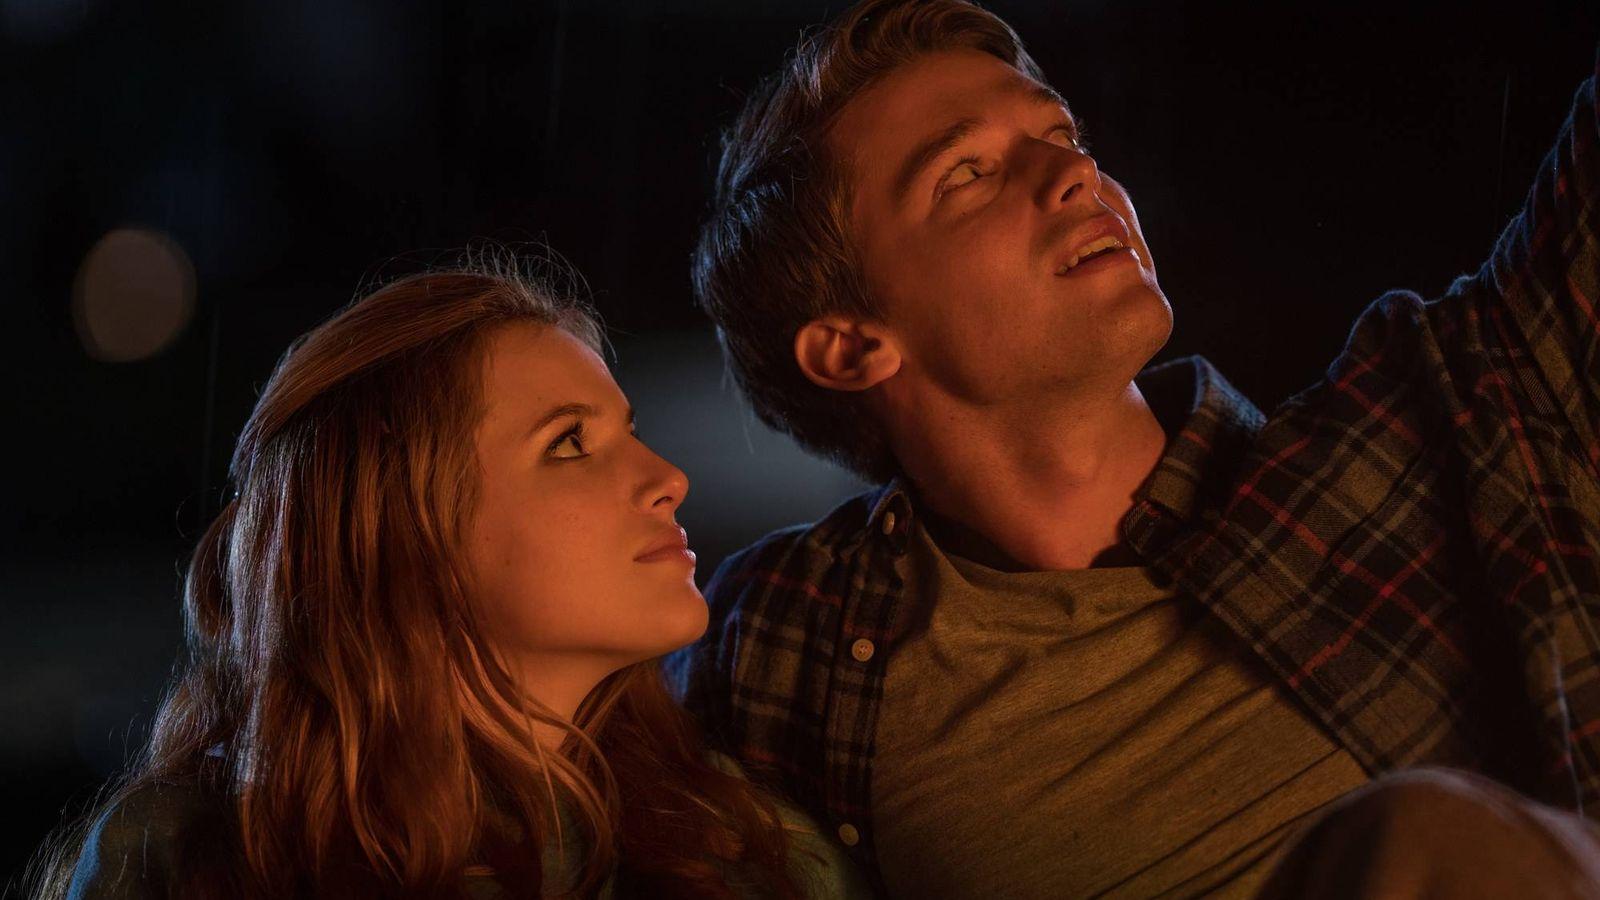 Amor A Medianoche El Regreso Del Cine Adolescente